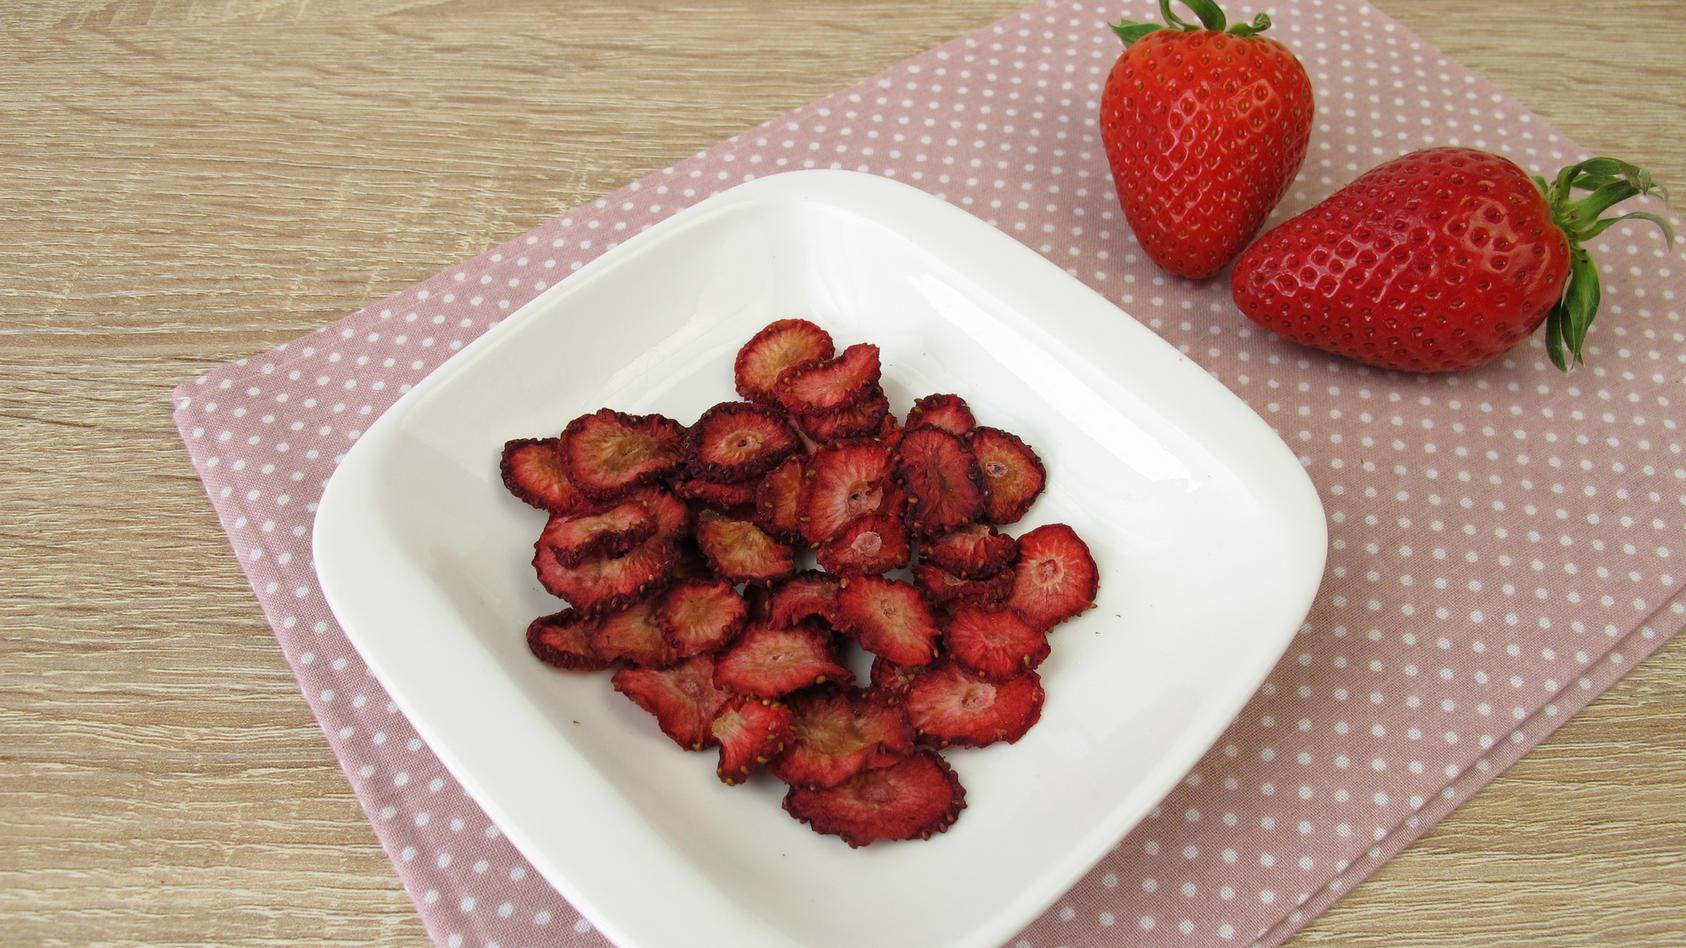 Erdbeerchips lassen sich ganz einfach selbst herstellen.